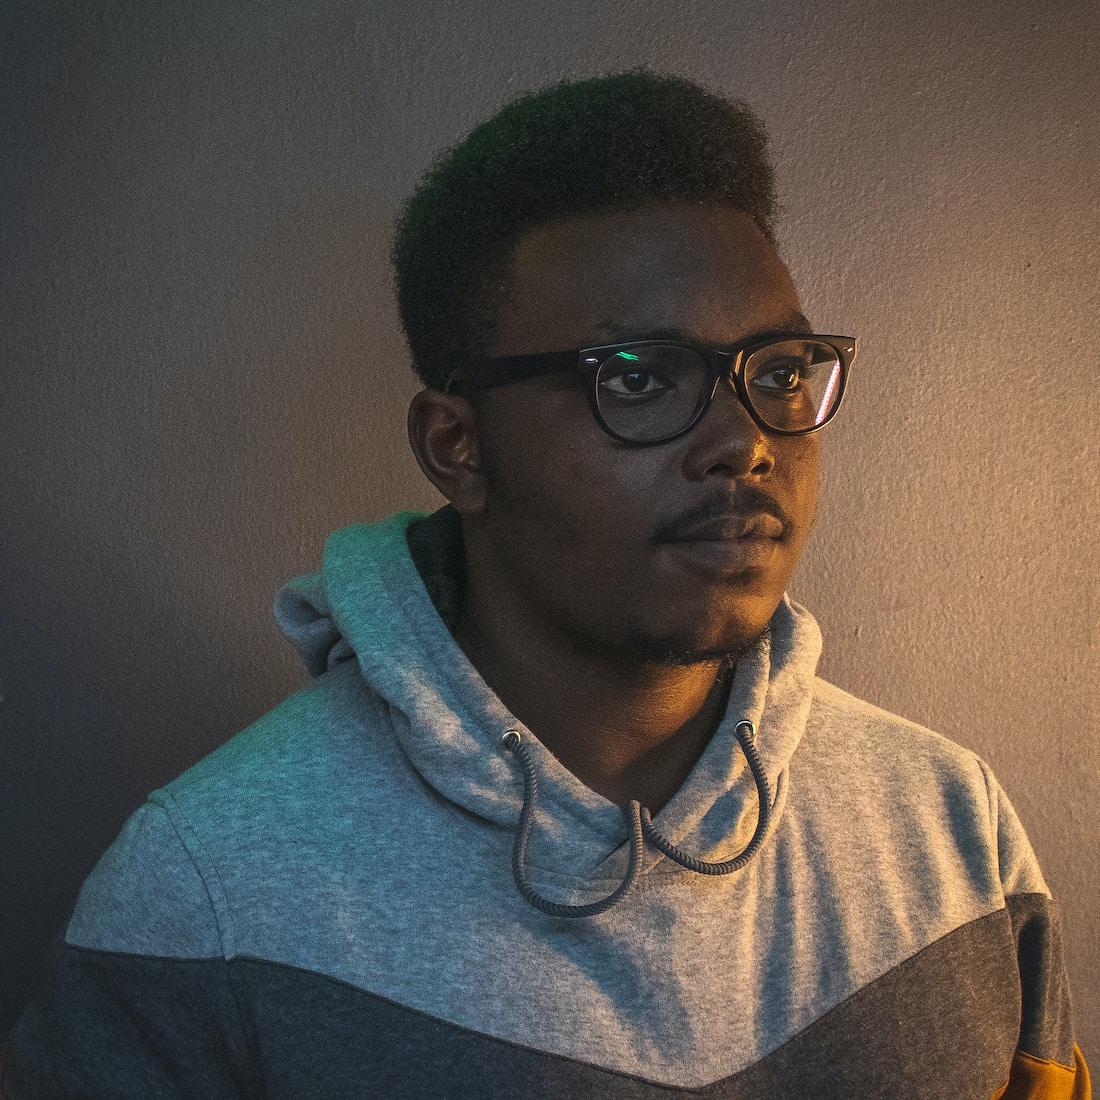 Joshua Oluwagbemiga